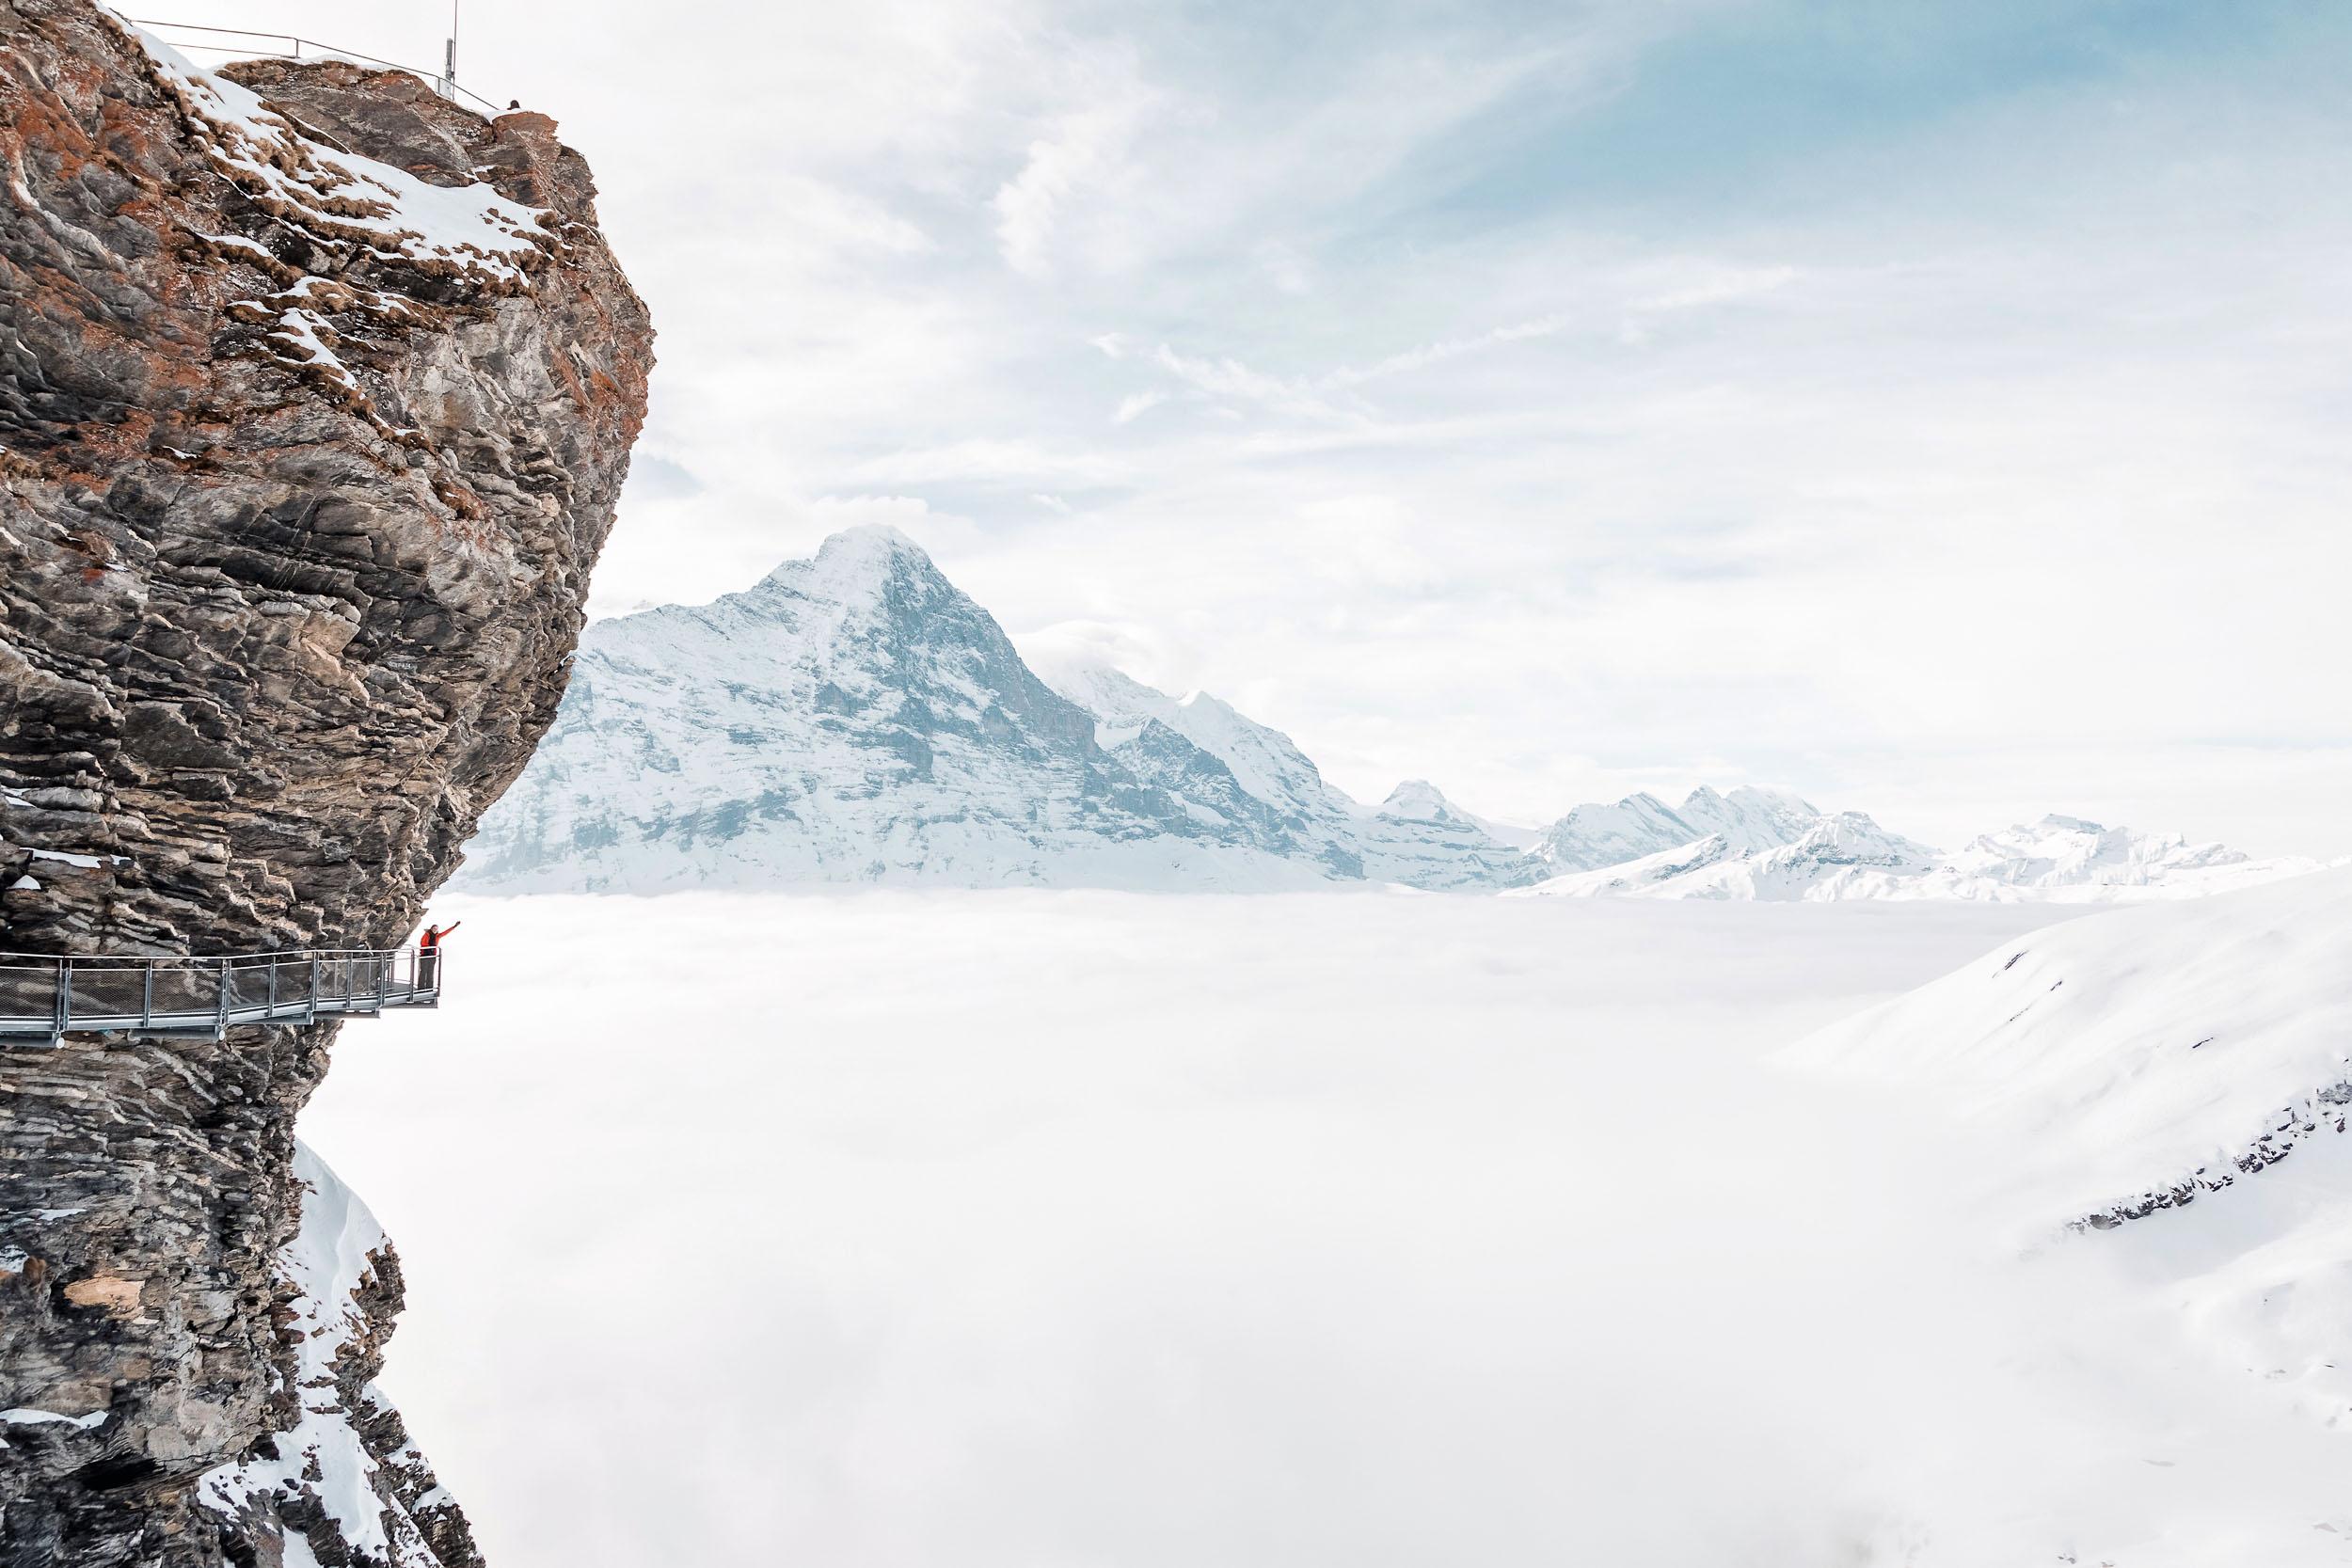 First Cliff Walk in First-Grindelwald, Switzerland